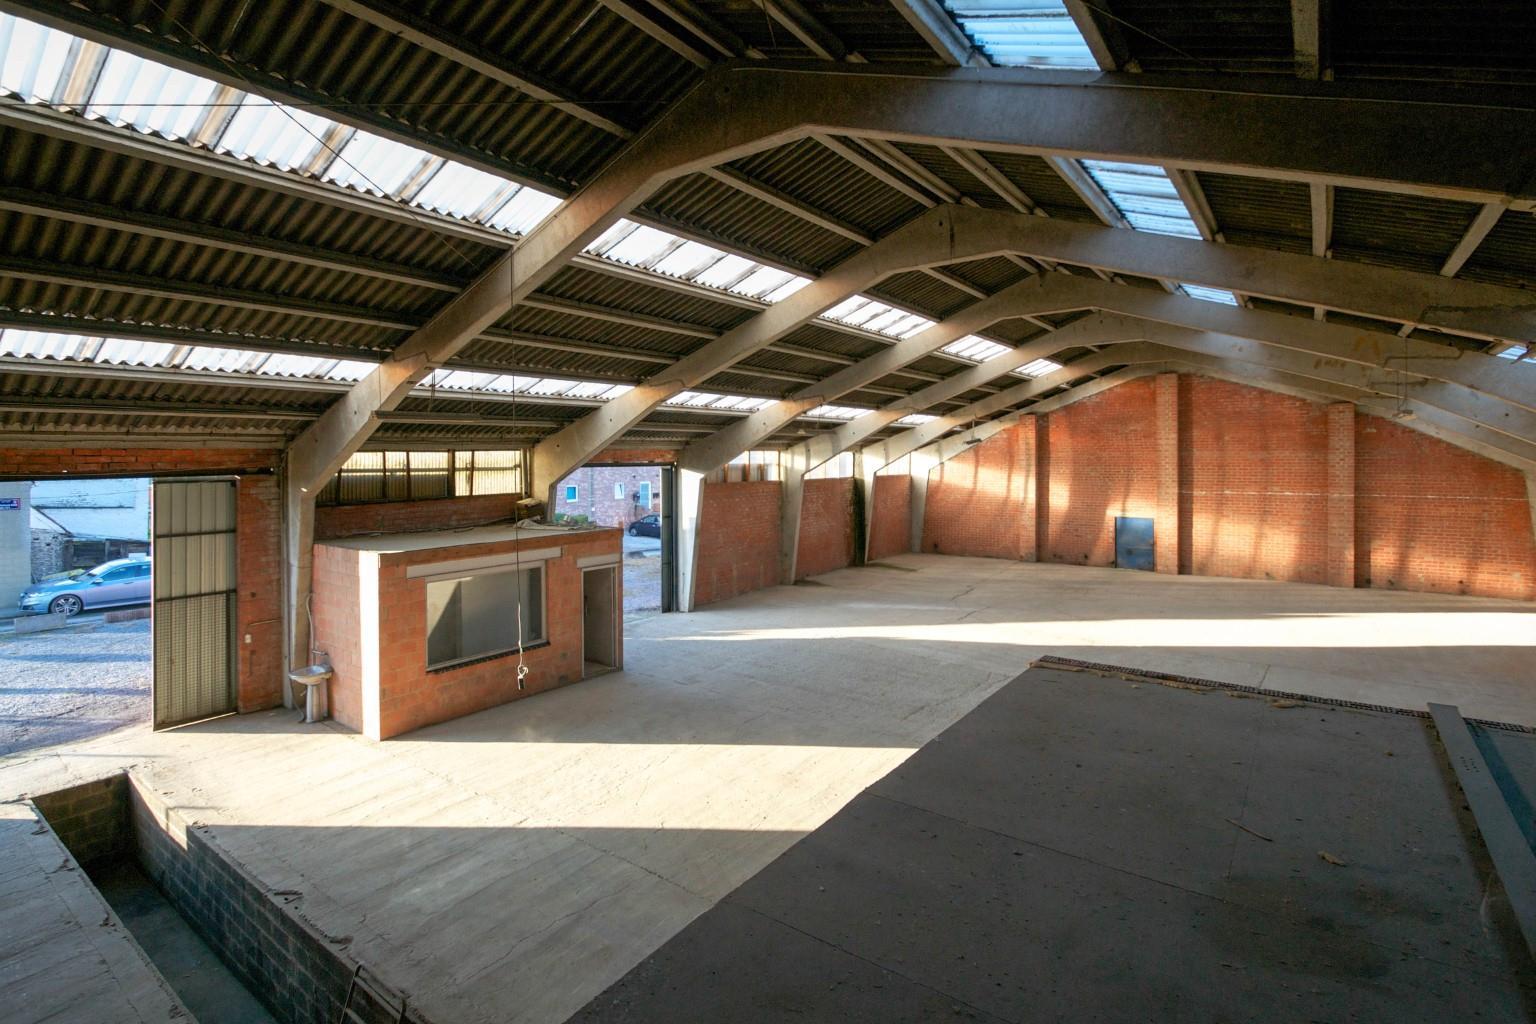 Entrepôt - Saint-Vaast - #4209160-1